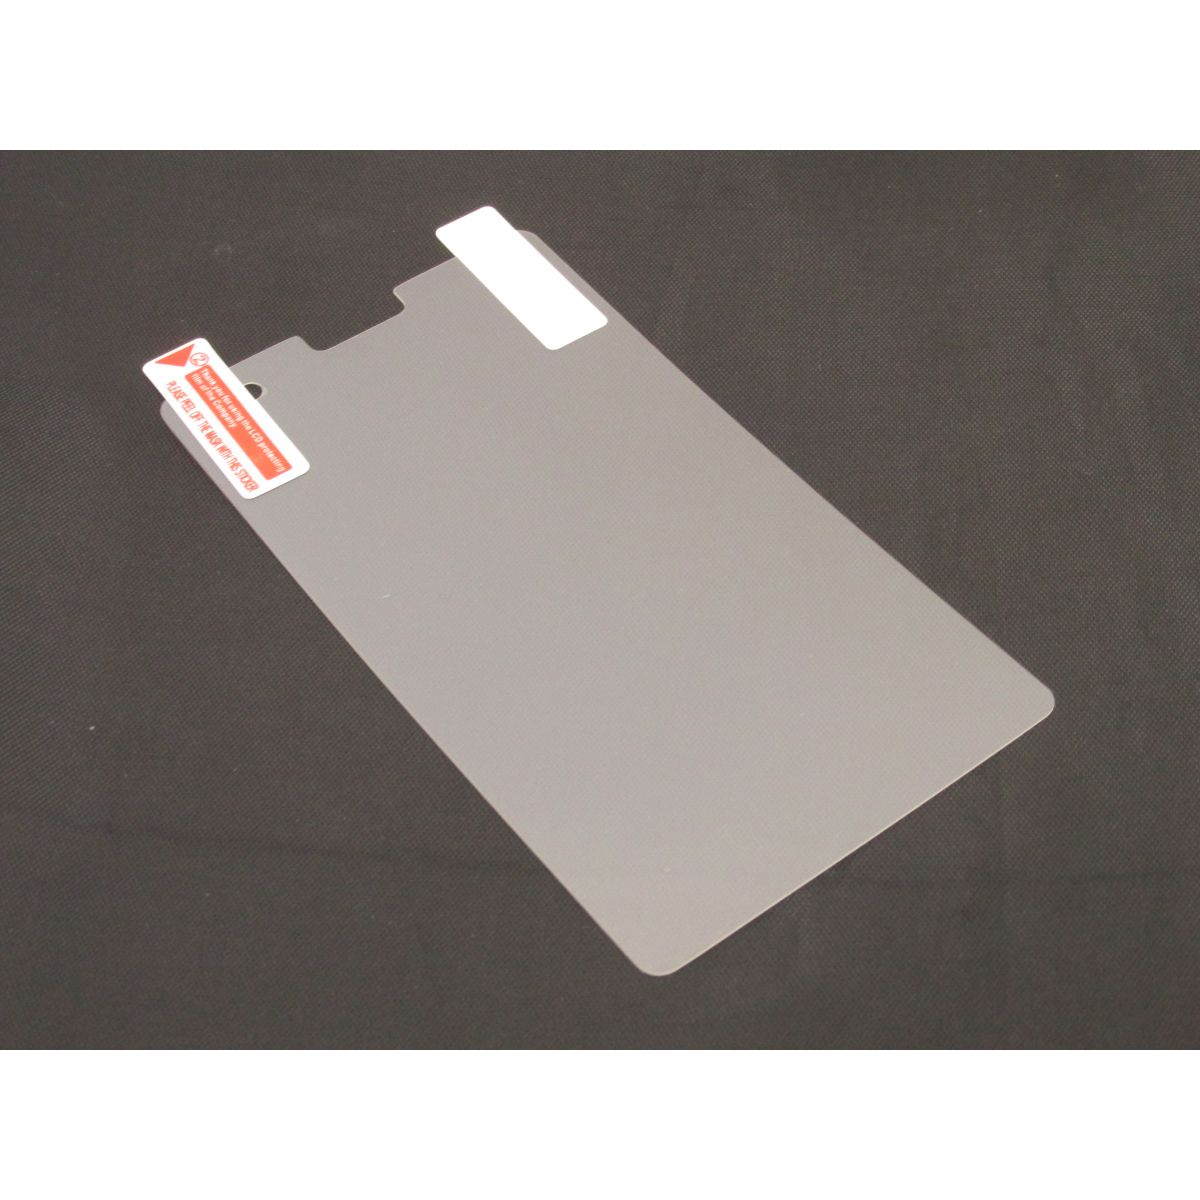 Pelicula Protetora para LG L5 Dual Chip E615 E612 E610